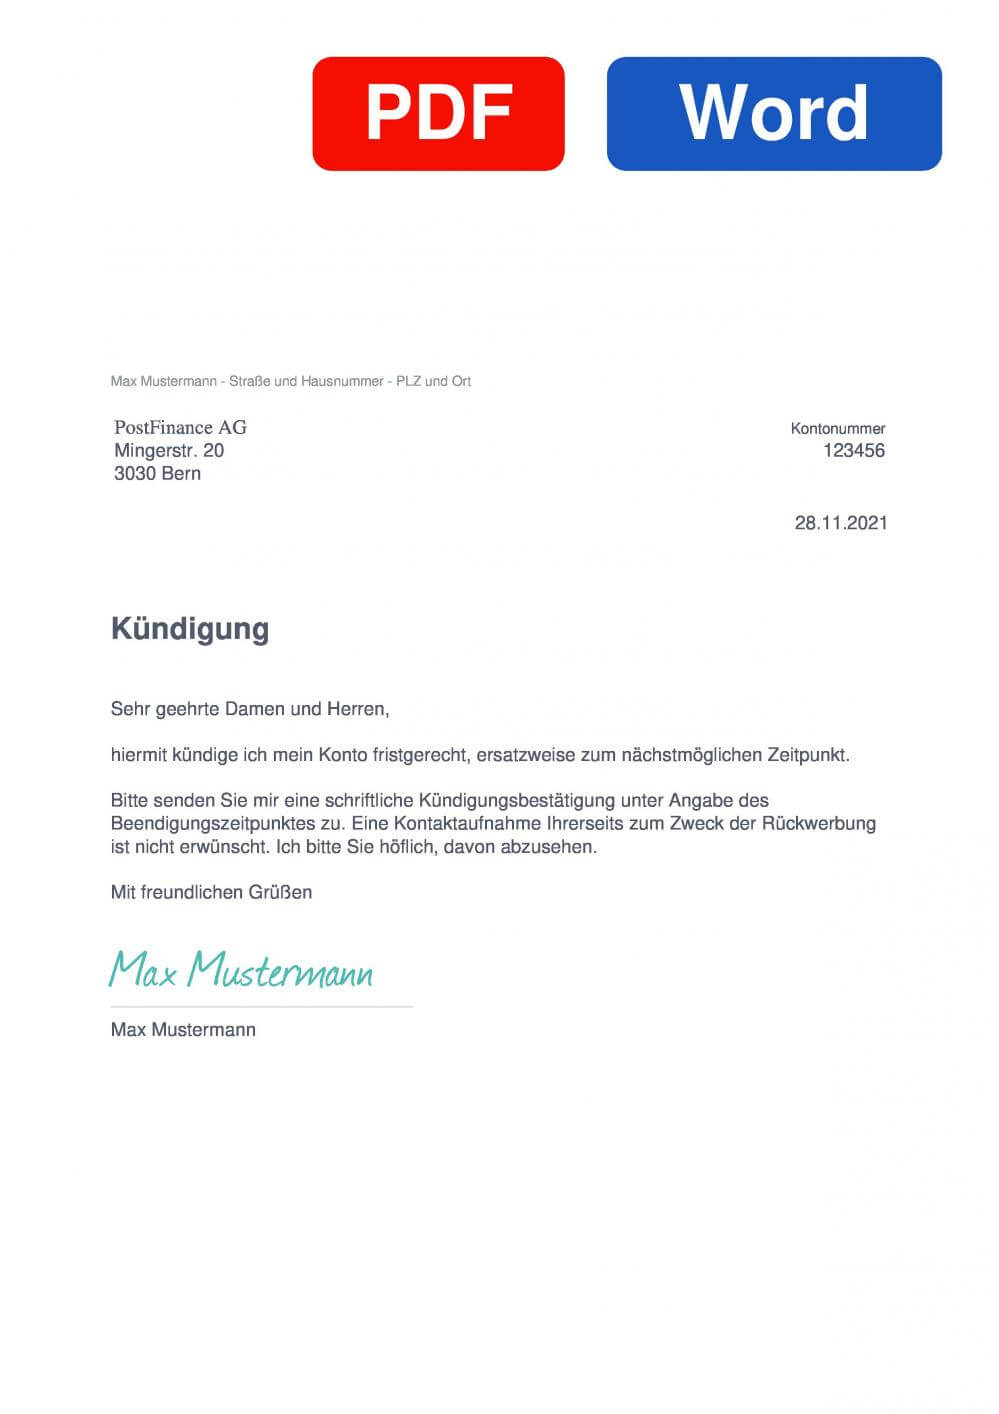 PostFinance Muster Vorlage für Kündigungsschreiben